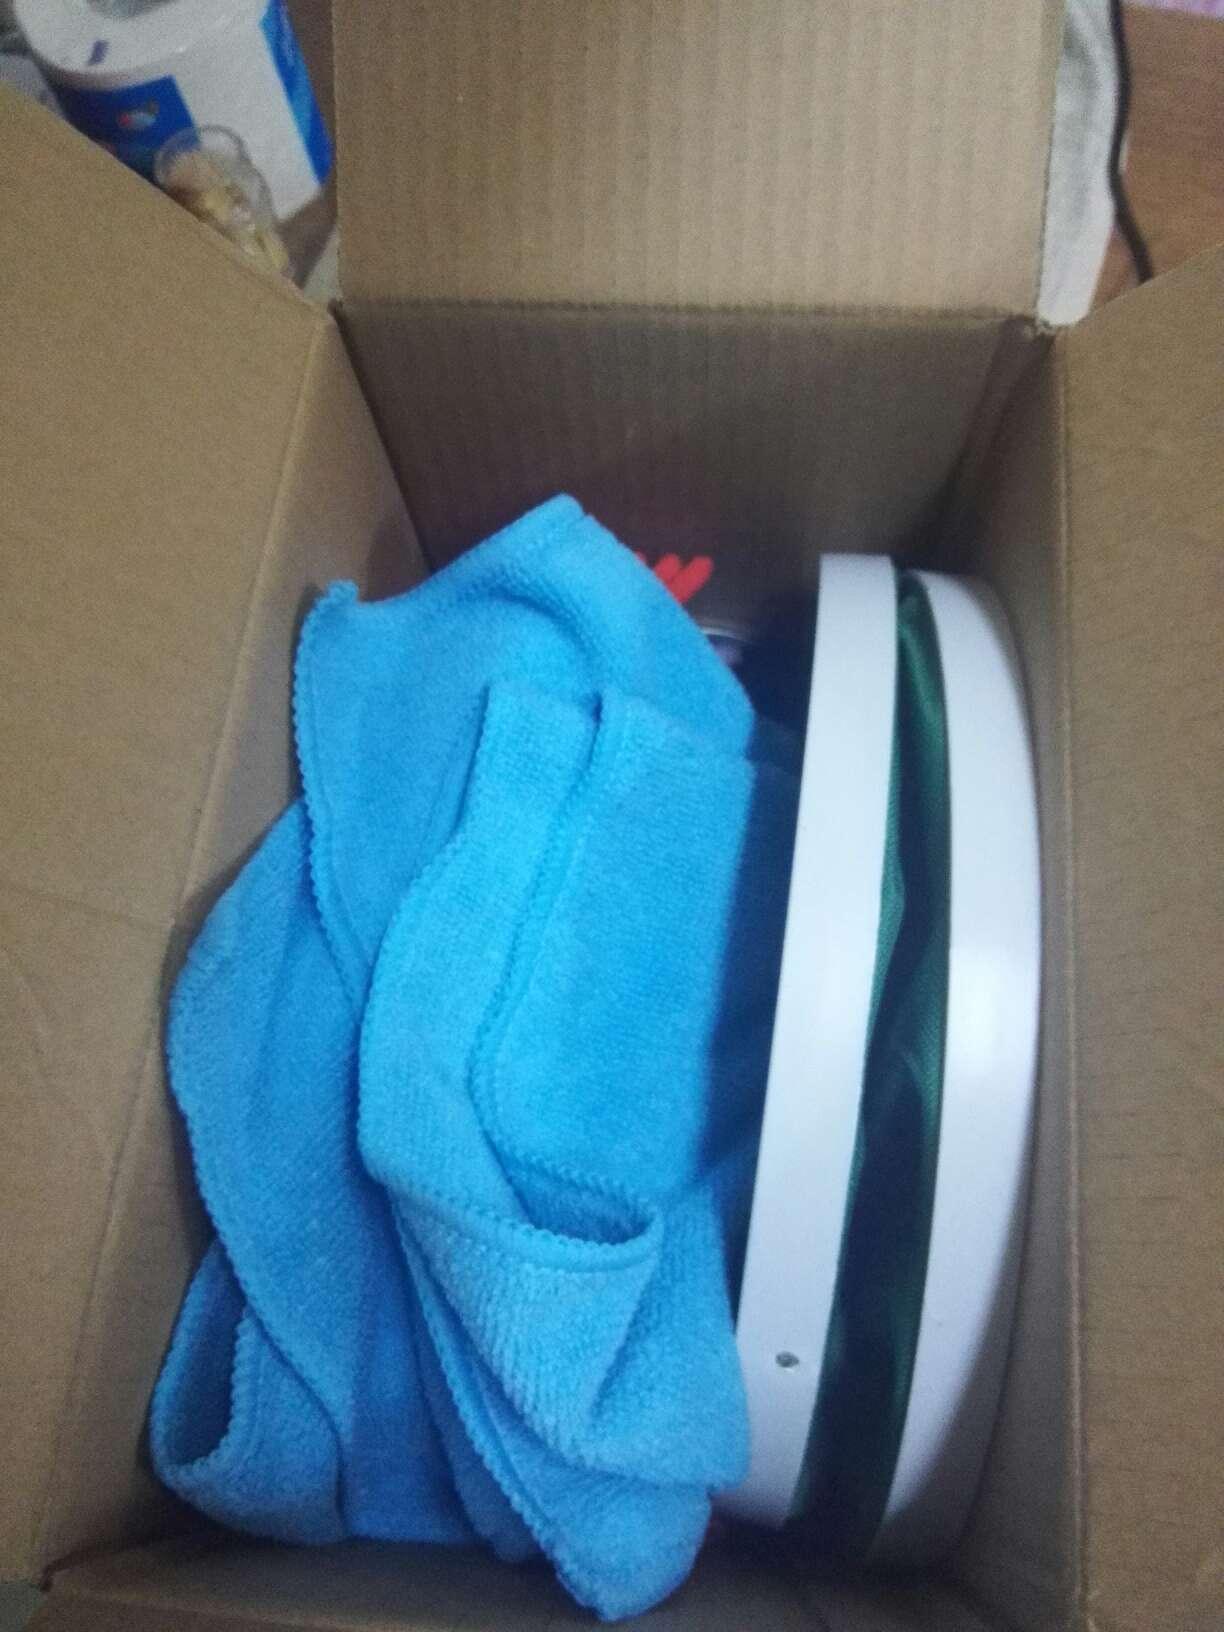 jordan retro 13 grey toes for sale 00287511 buy